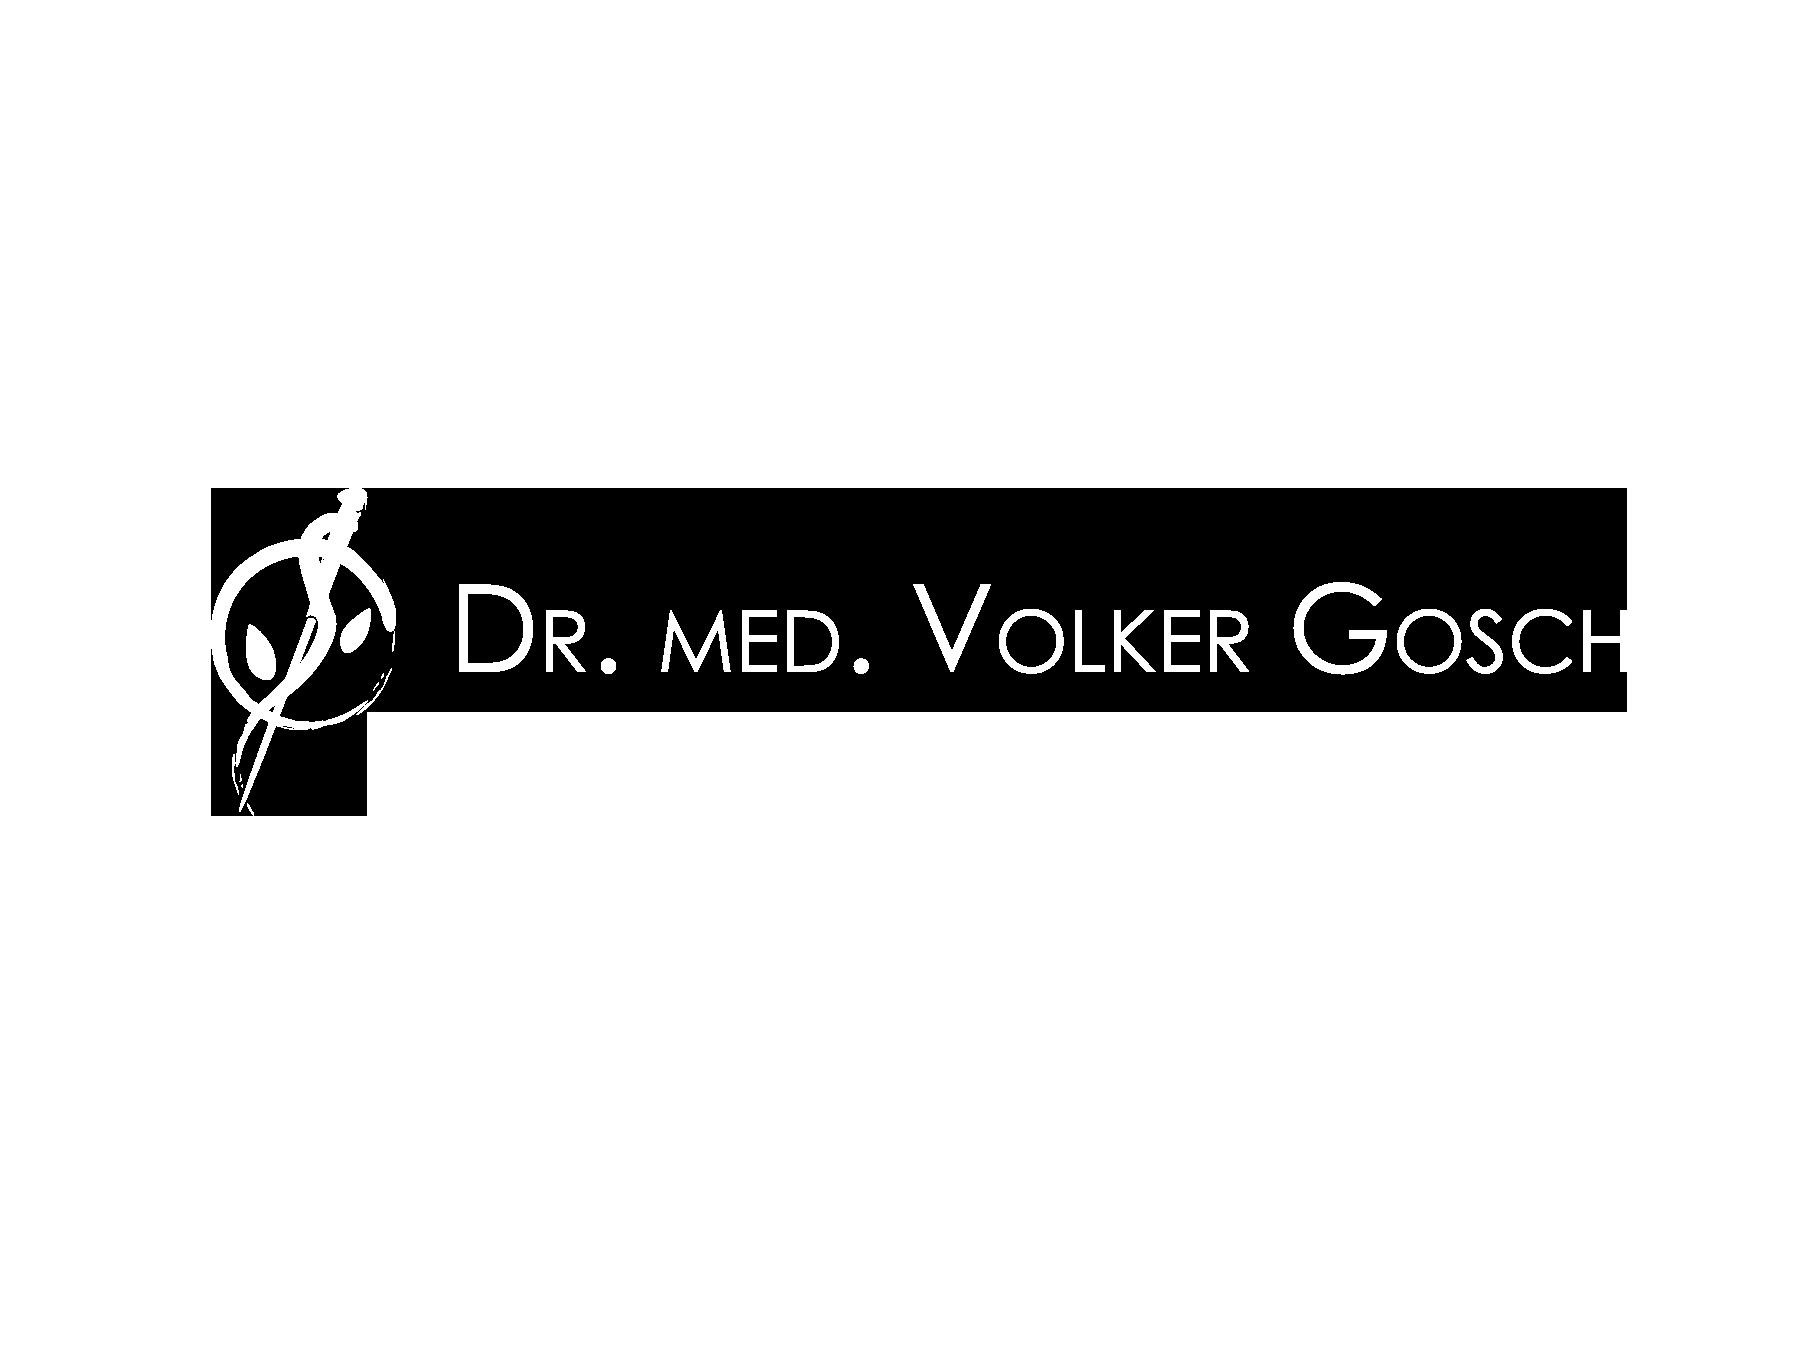 Dr. med. Volker Gosch